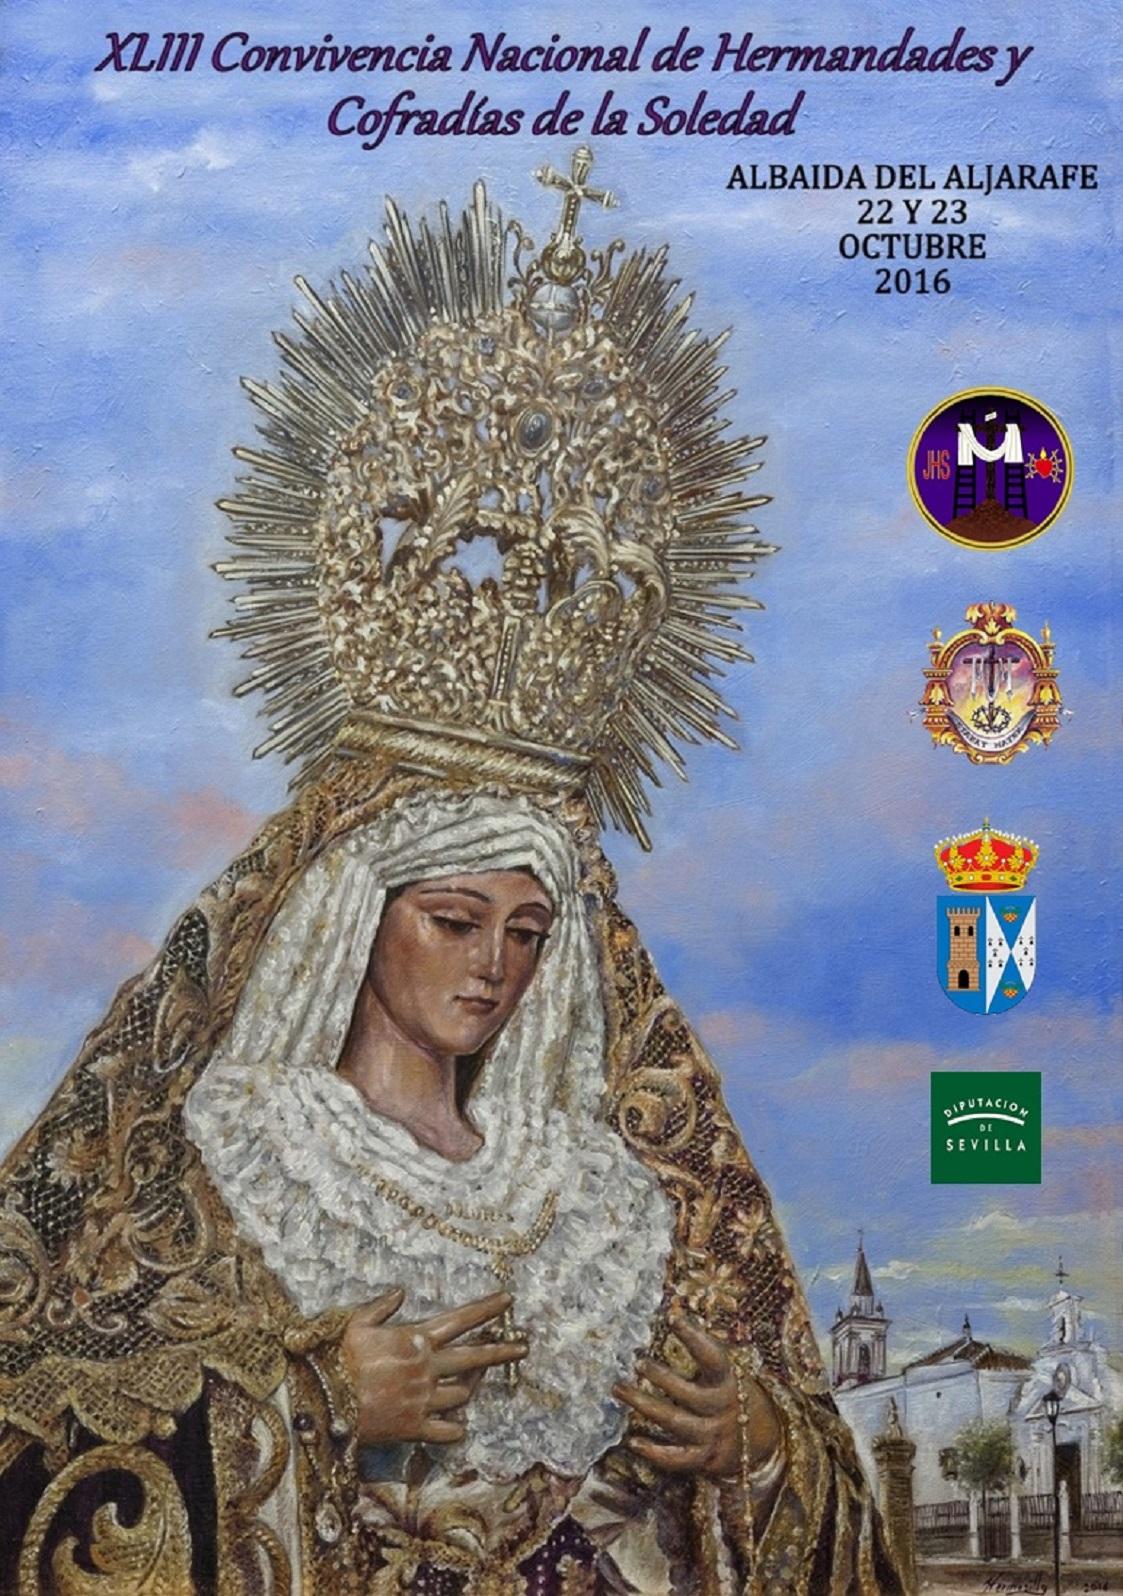 CARTEL XLIII CONVIVENCIA NACIONAL DE HERMANDADES Y COFRADÍAS DE LA SOLEDAD